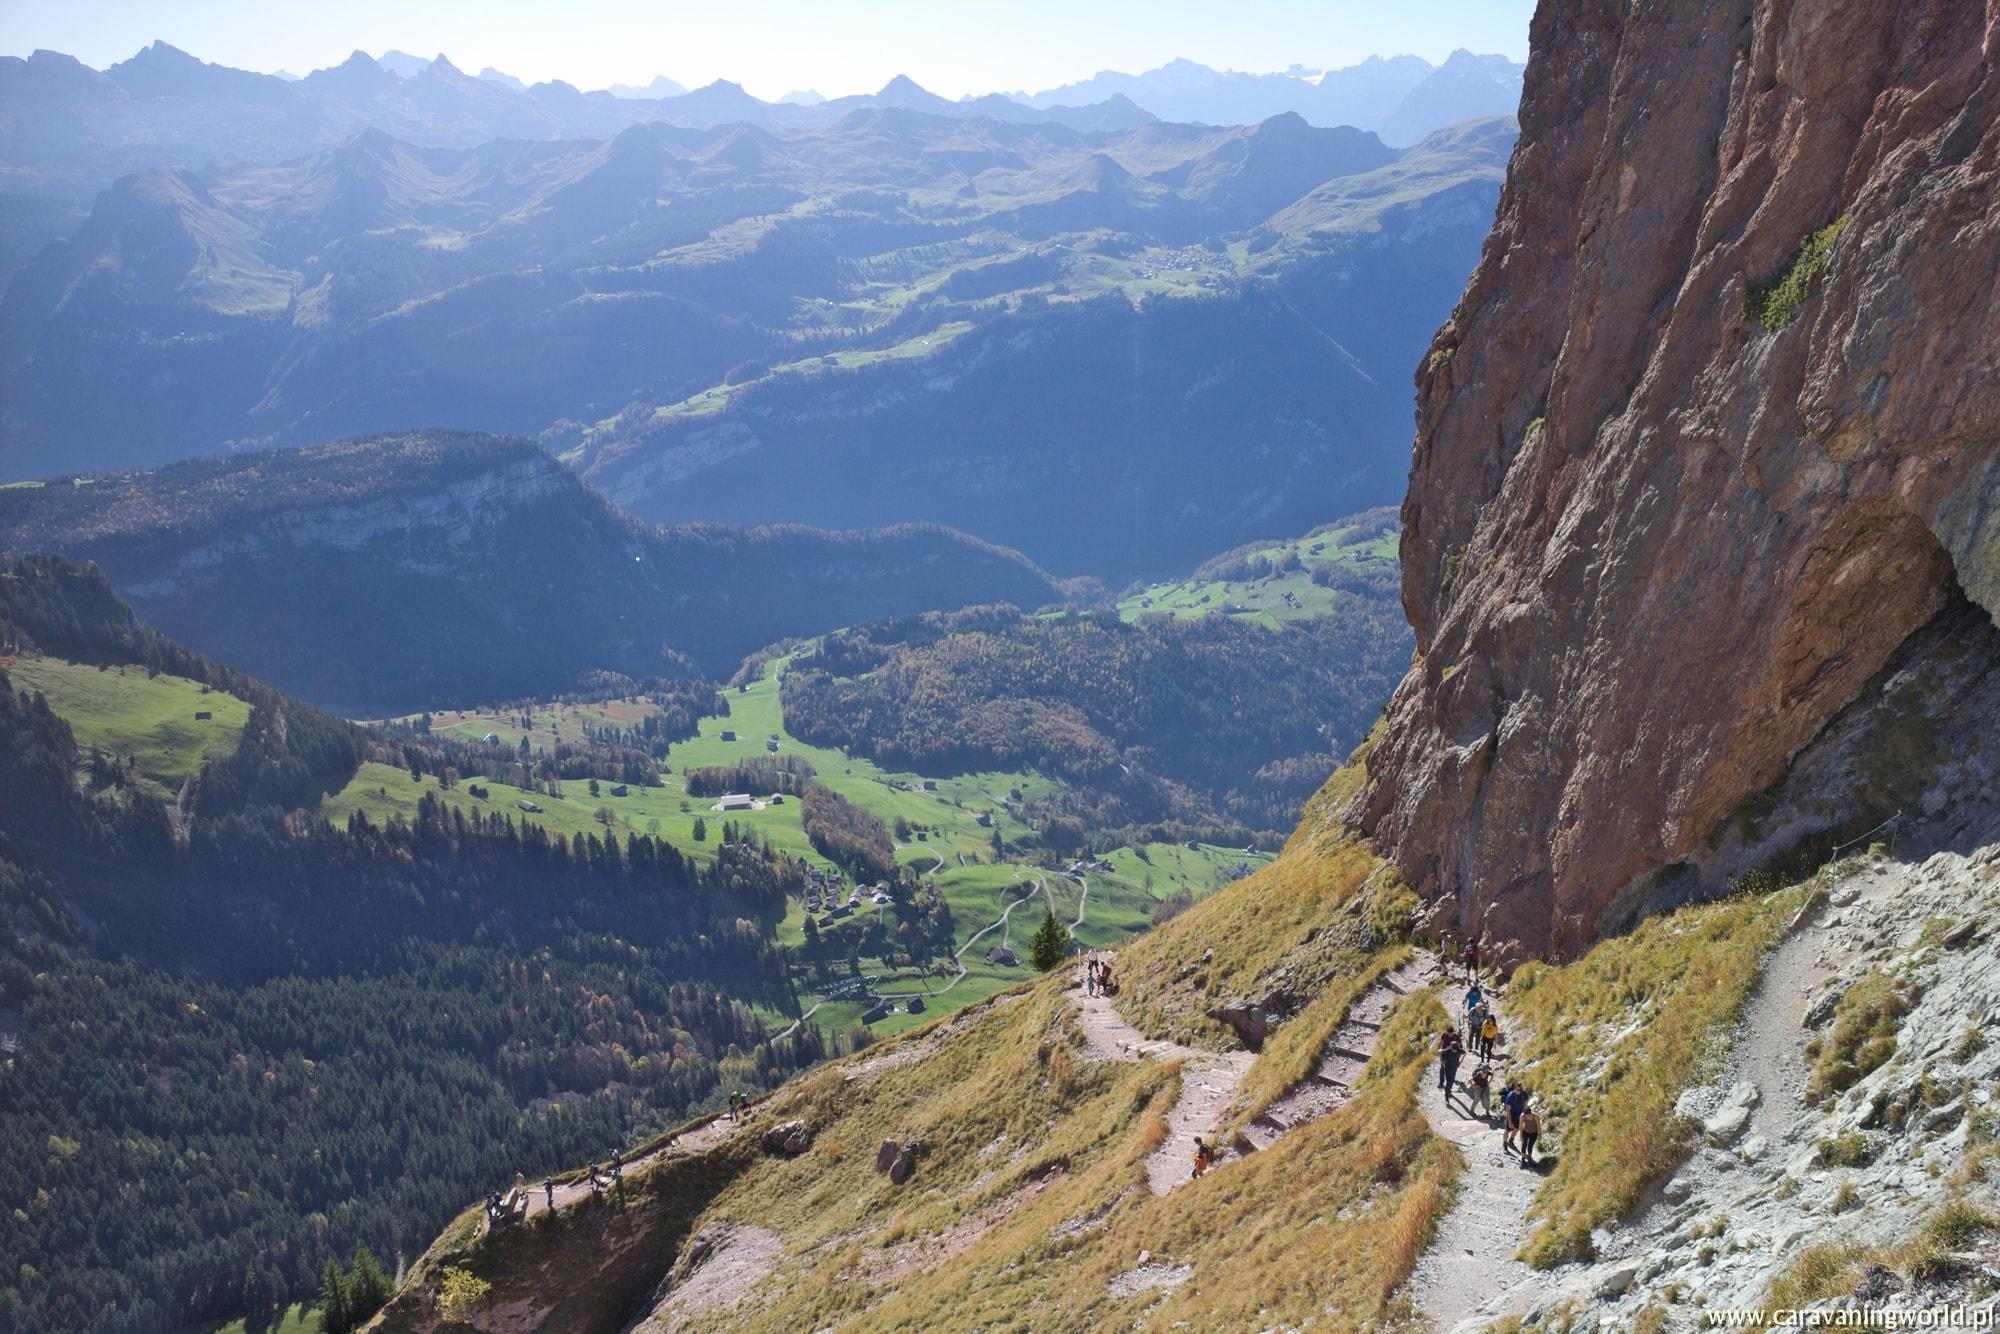 Ekspozycyjny szlak na Grosser Mythen